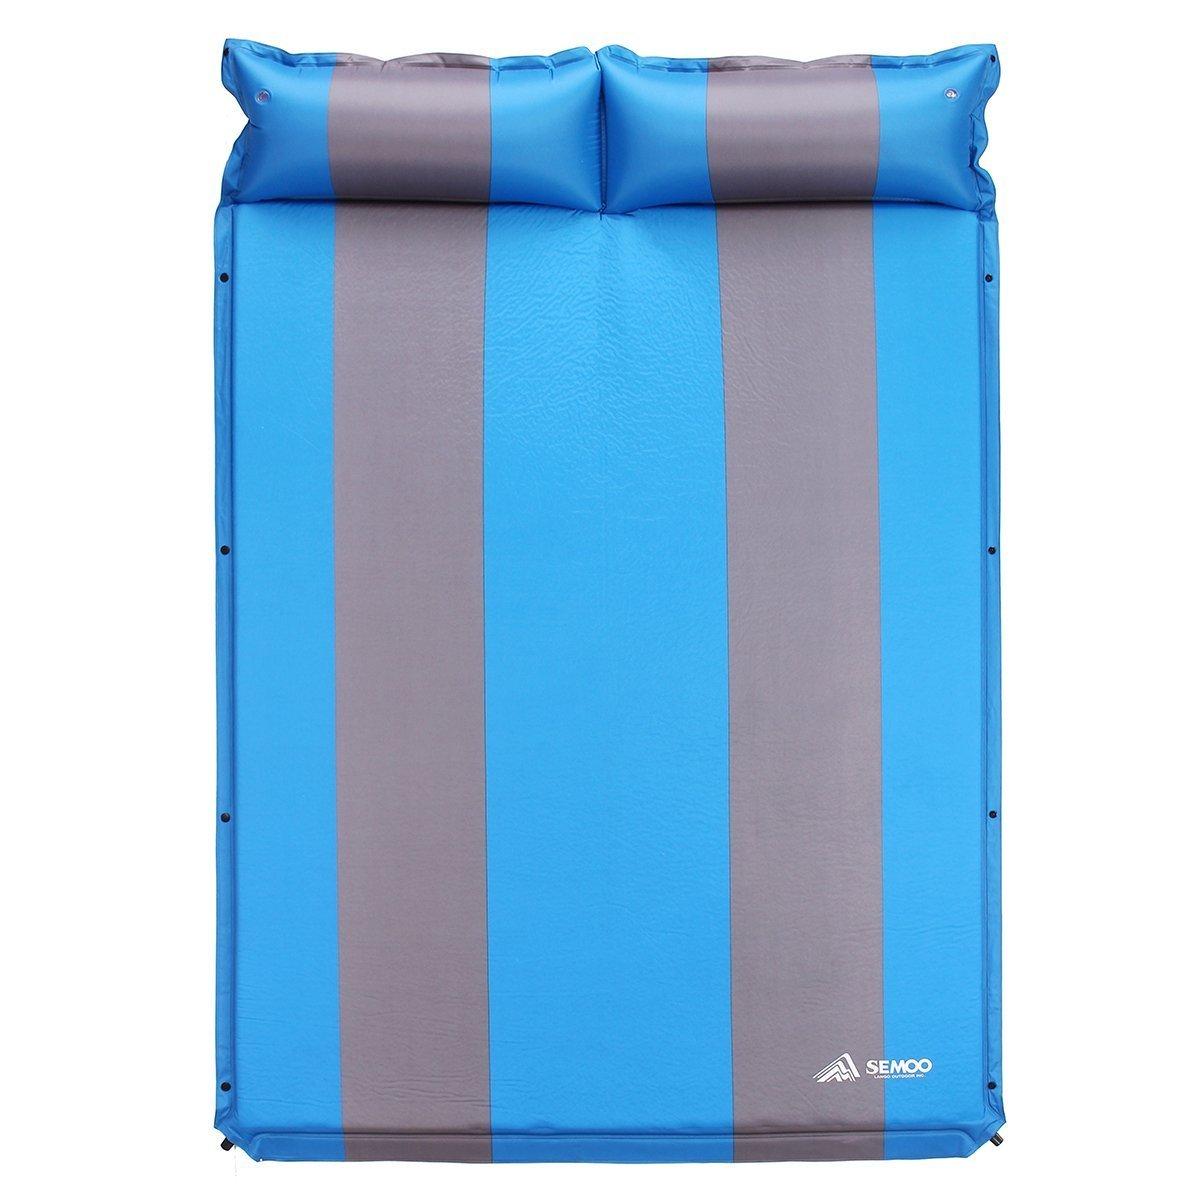 Semoo Esterilla - Esterilla de Camping Auto-Hinchable, 190T Polyester, Superficie de la colchoneta Repelente al Agua, con Opción a juntarlo con el Cojín ...